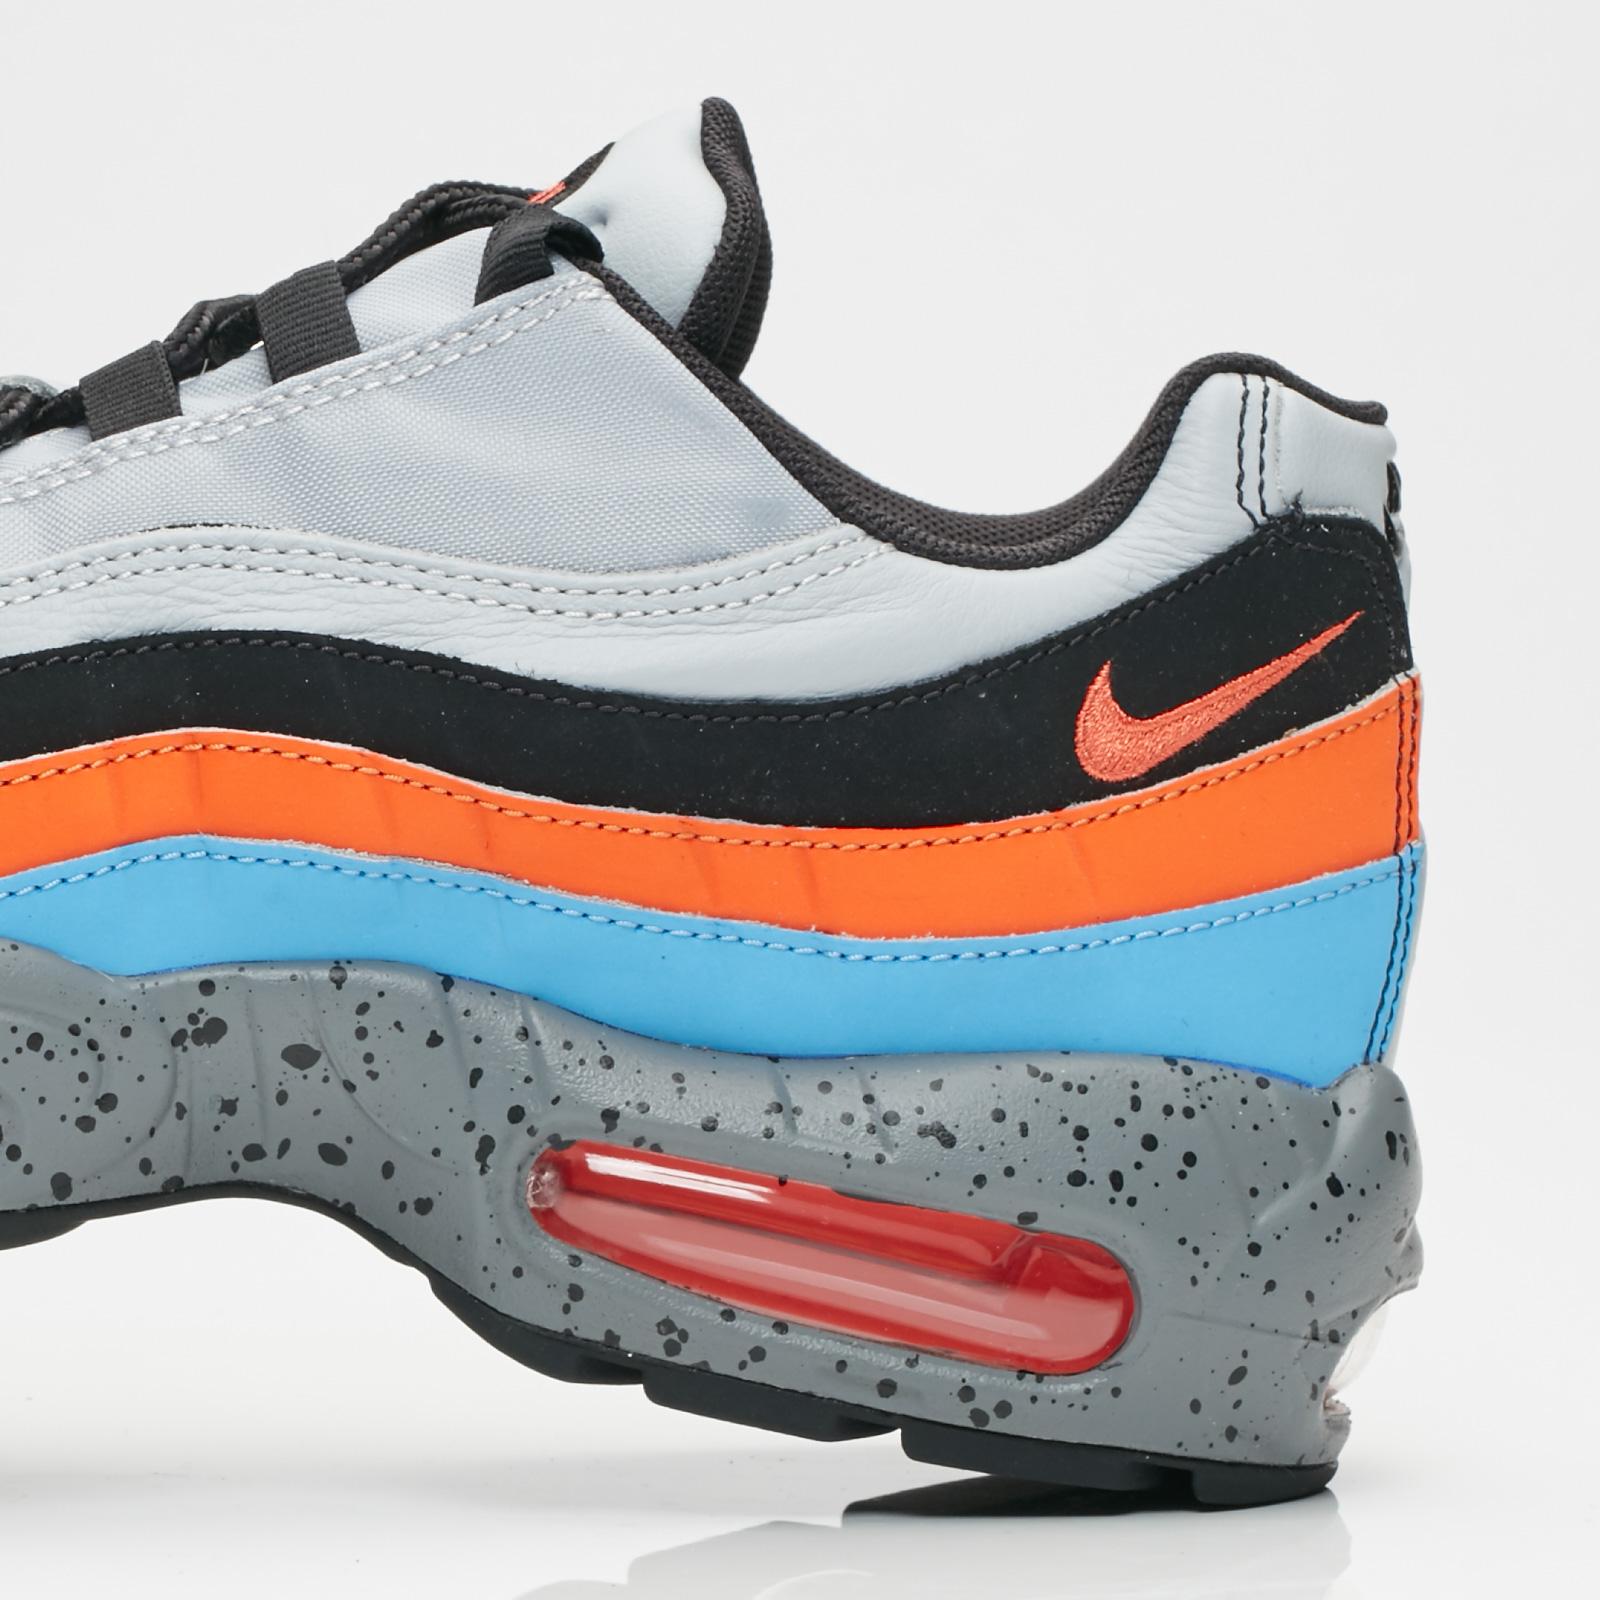 c1c790d9d62 Nike Air Max 95 Premium - 538416-015 - Sneakersnstuff